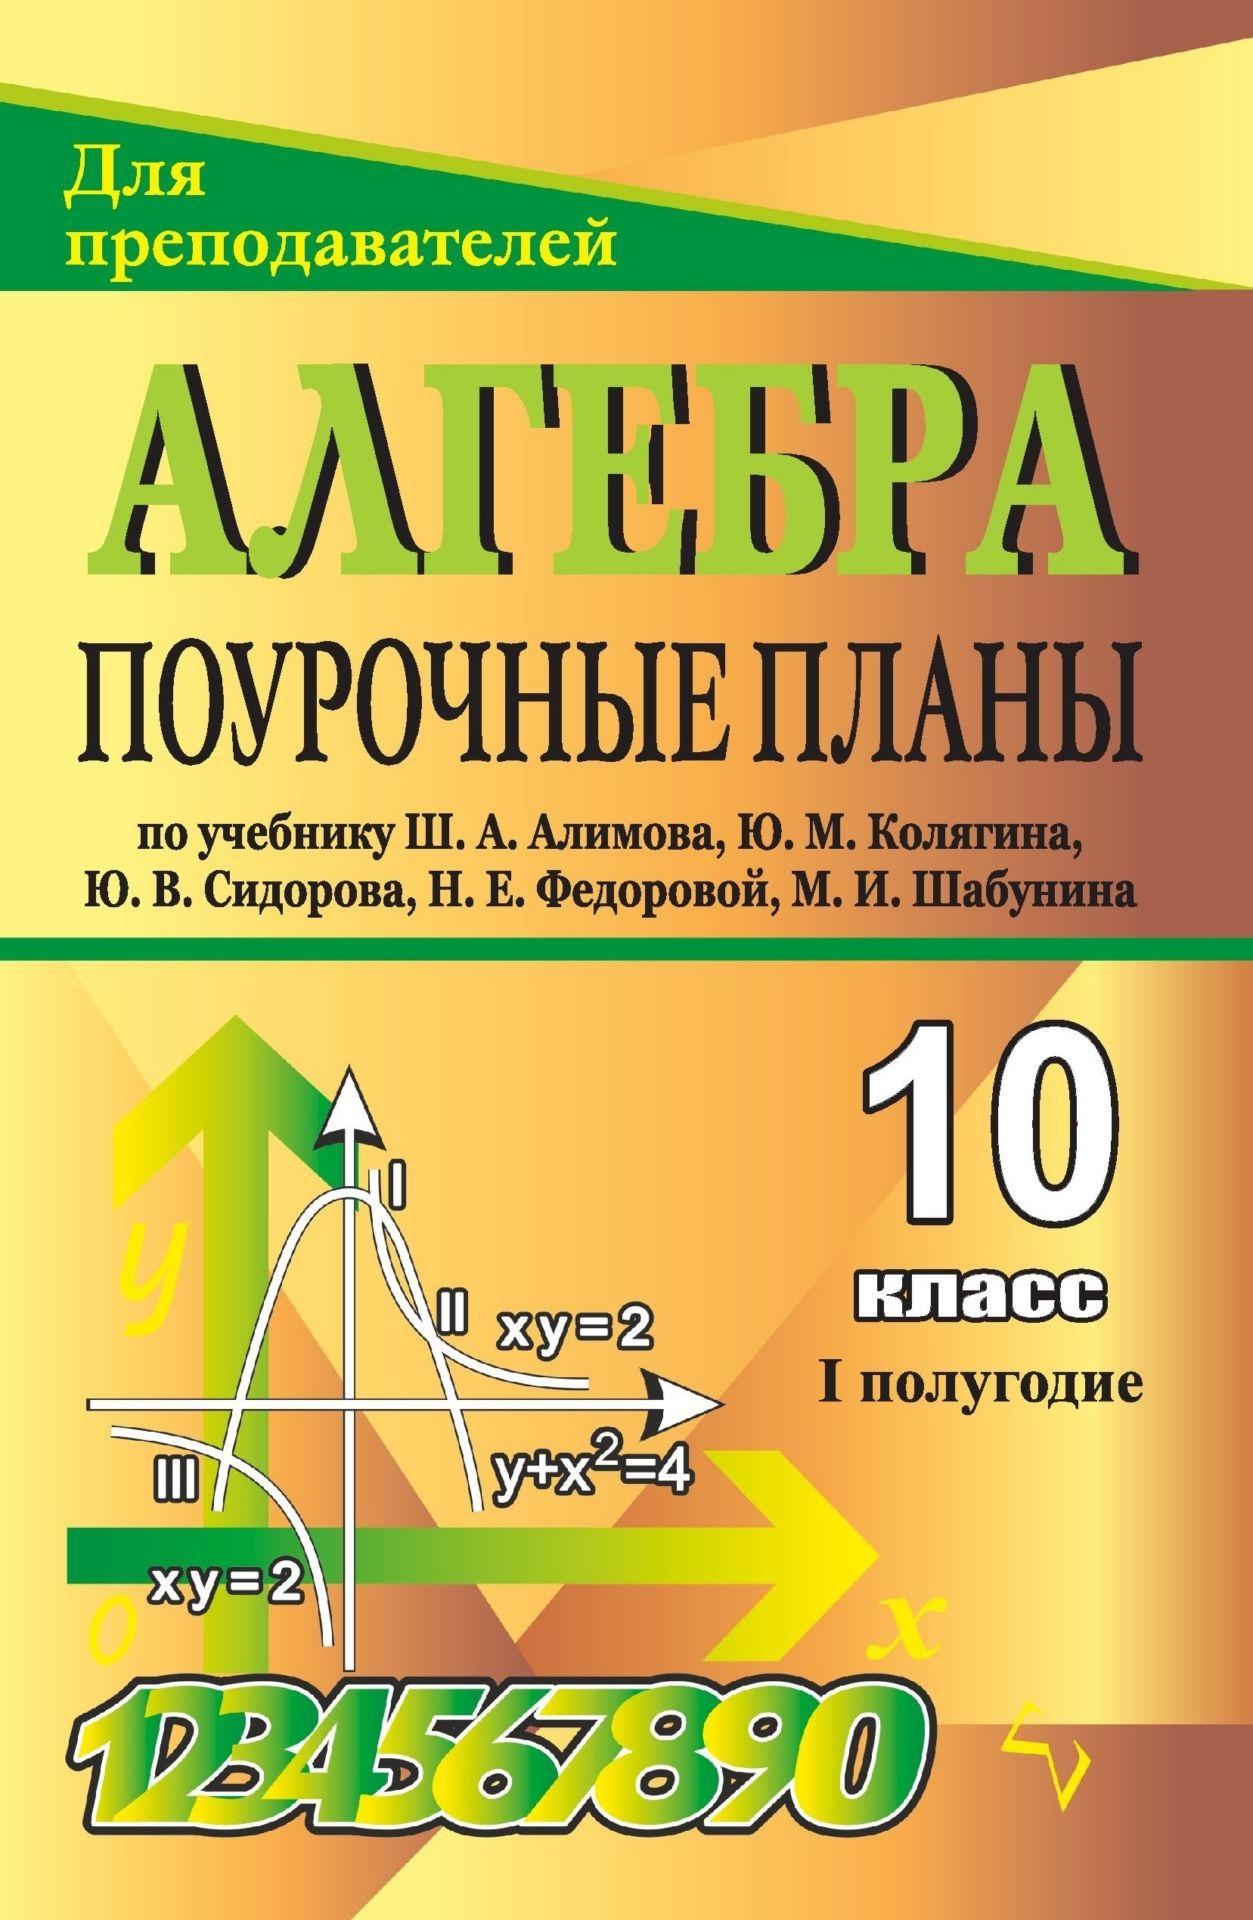 Алгебра и начала анализа. 10 класс: поурочные планы по учебнику Ш. А. Алимова, Ю. М. Колягина, В. Сидорова. I полугодие